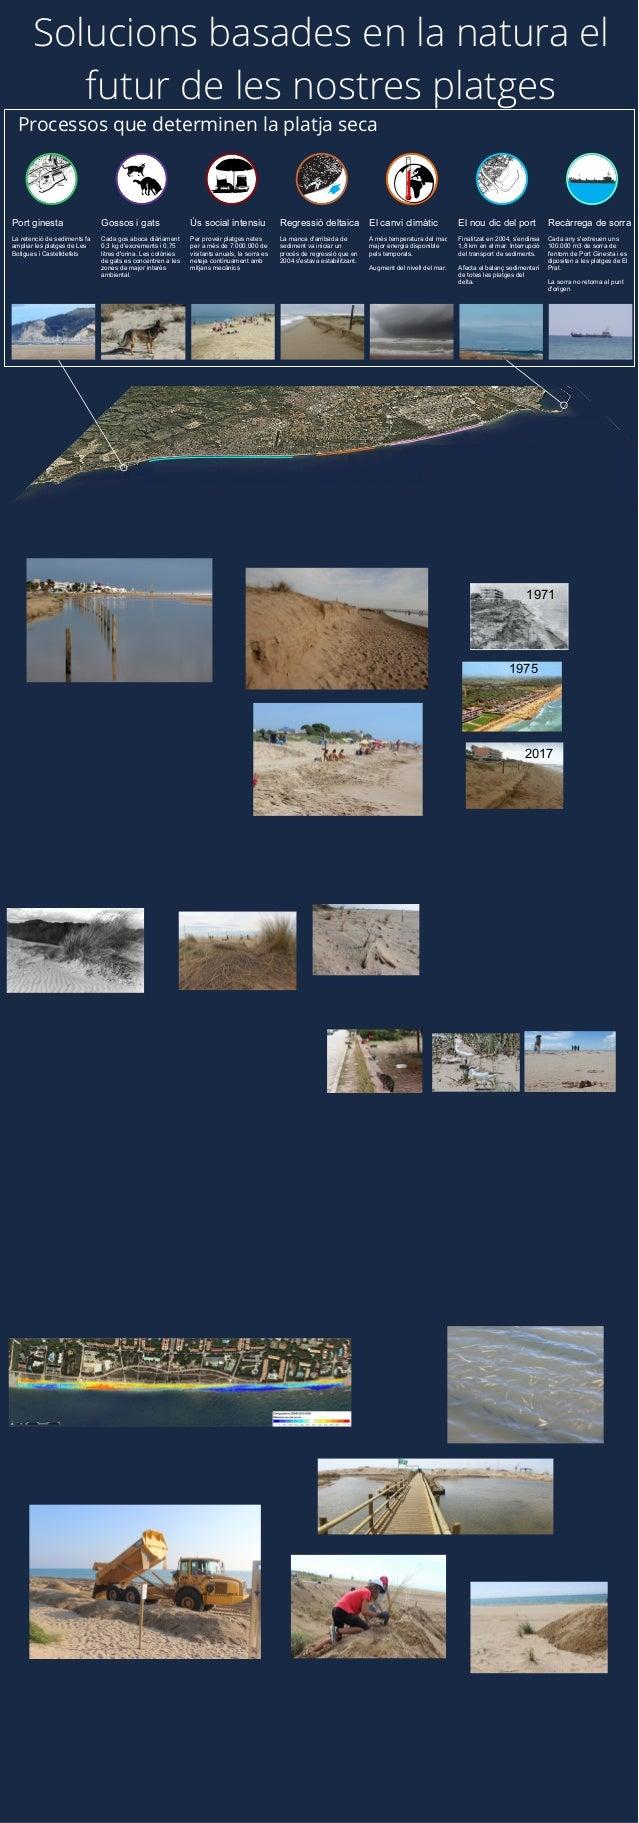 El nou dic del port Finalitzat en 2004, s'endinsa 1,8 km en el mar. Interrupció del transport de sediments. Afecta el bala...